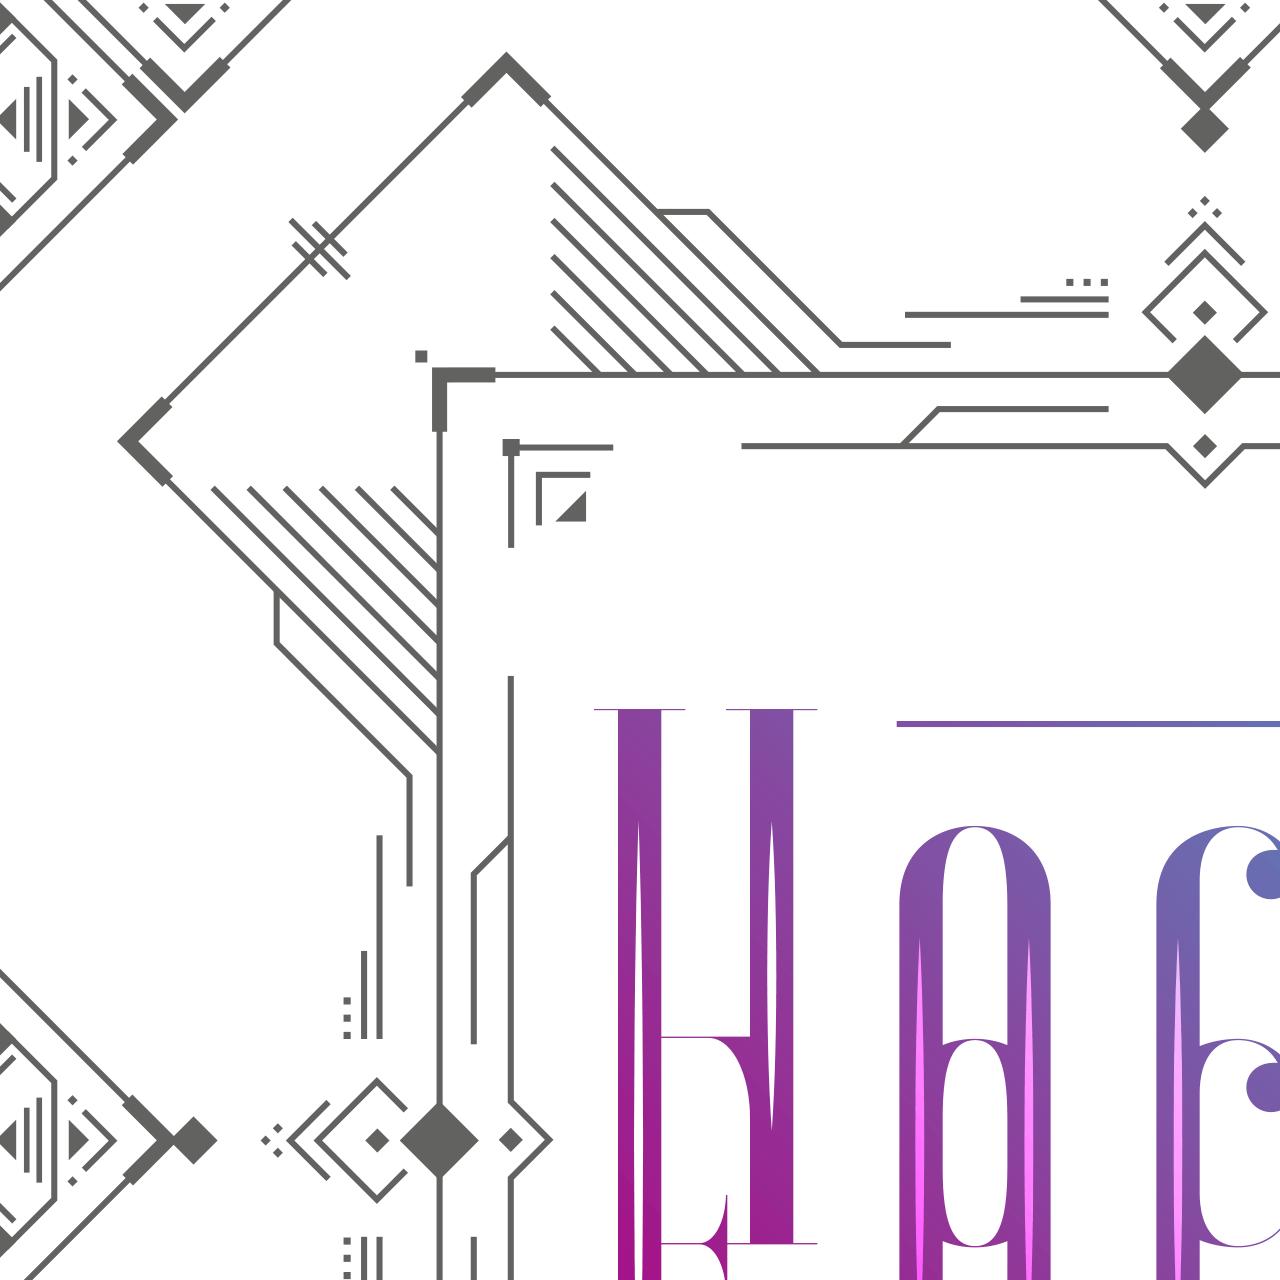 02_detail0302